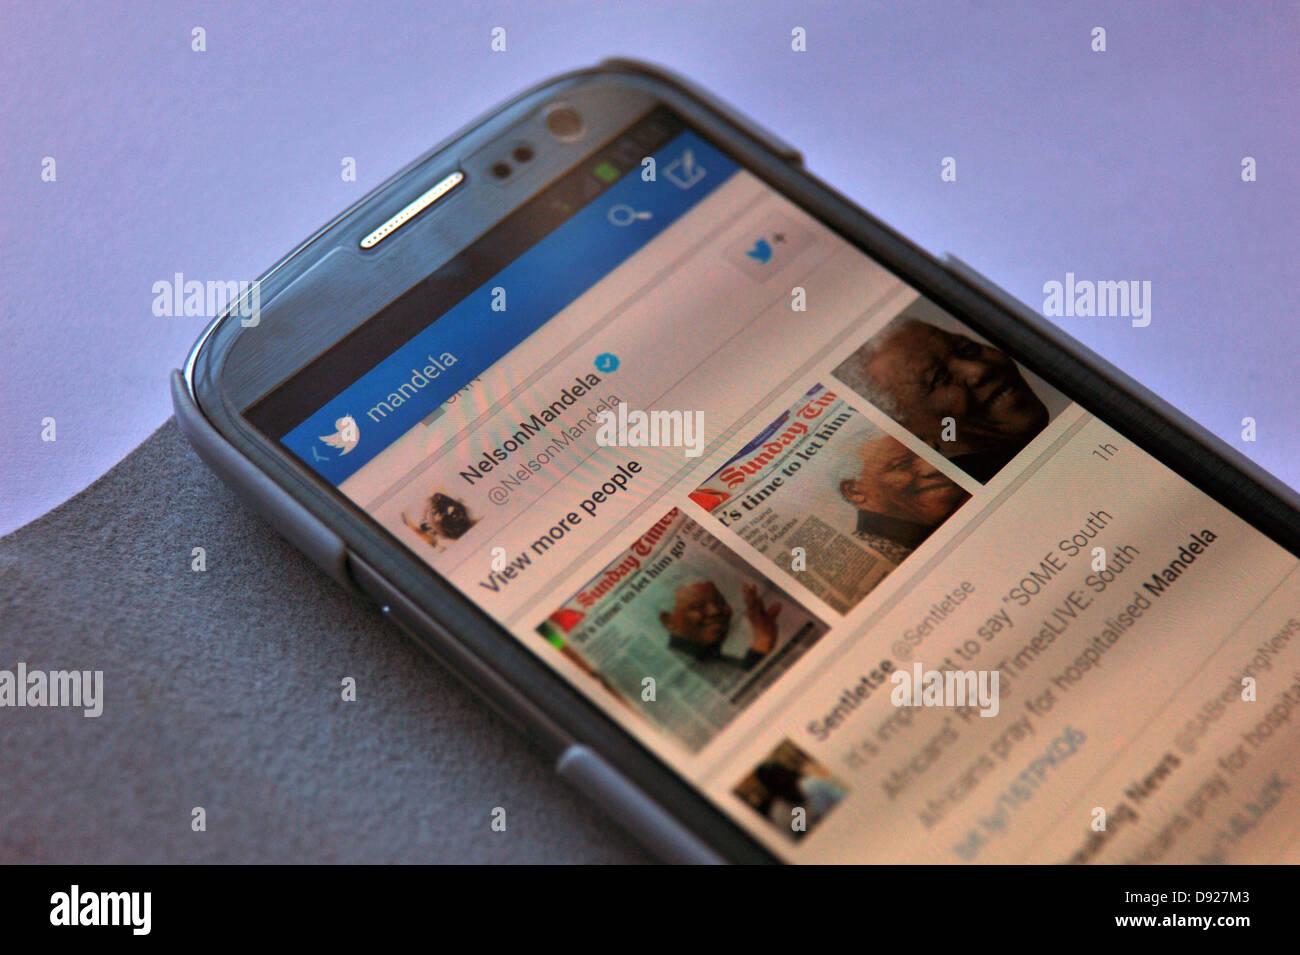 Bilder von Twitter auf einem Smartphone-Bildschirm mit Nachrichten über die Krankheit des ehemaligen südafrikanischen Stockbild